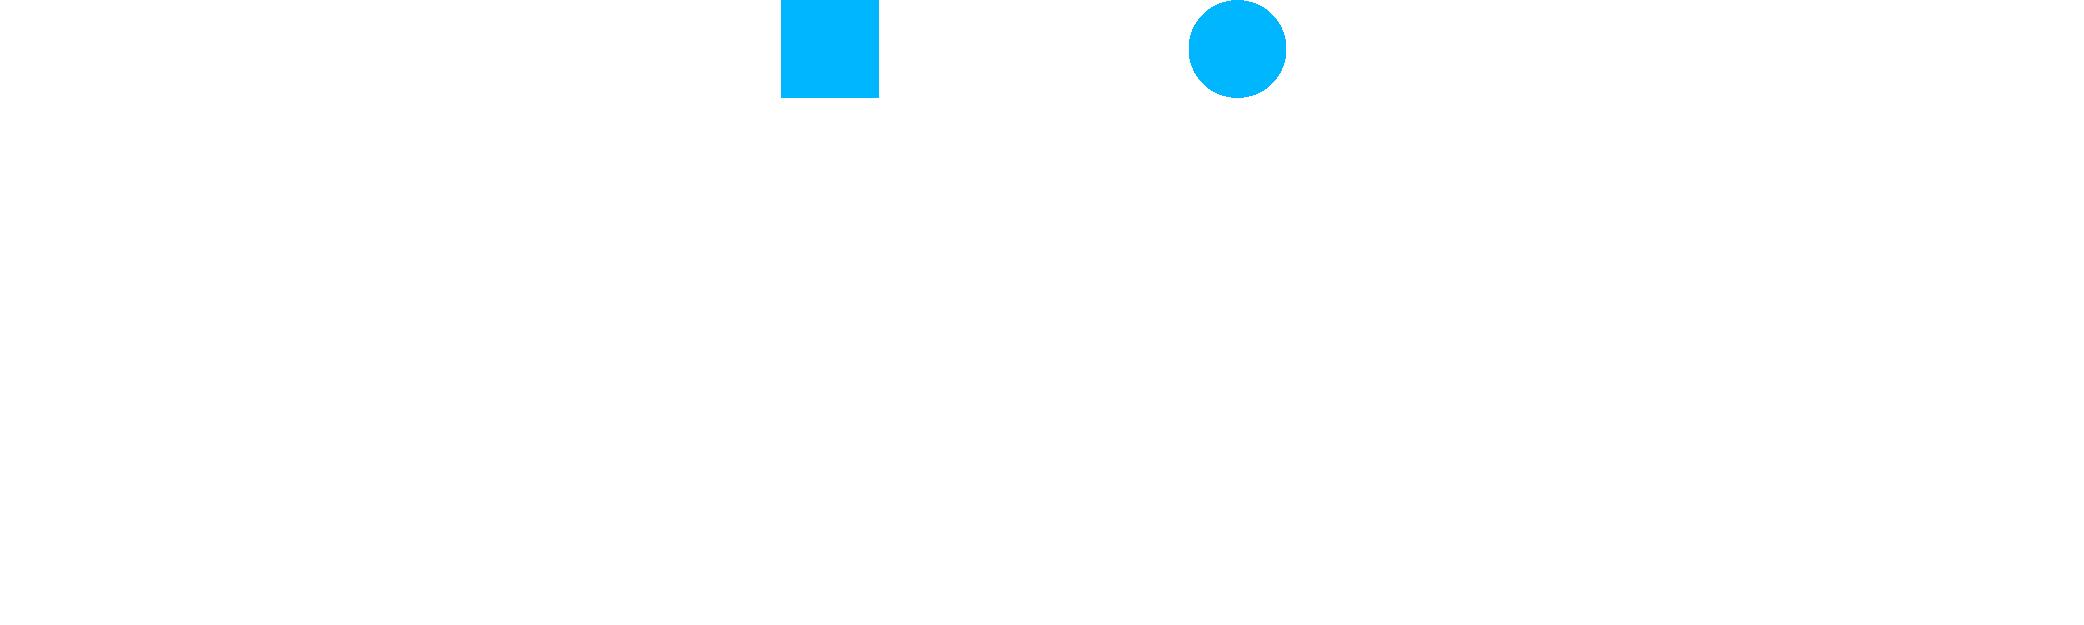 Reitigh_Logo_White-Blue_RGB